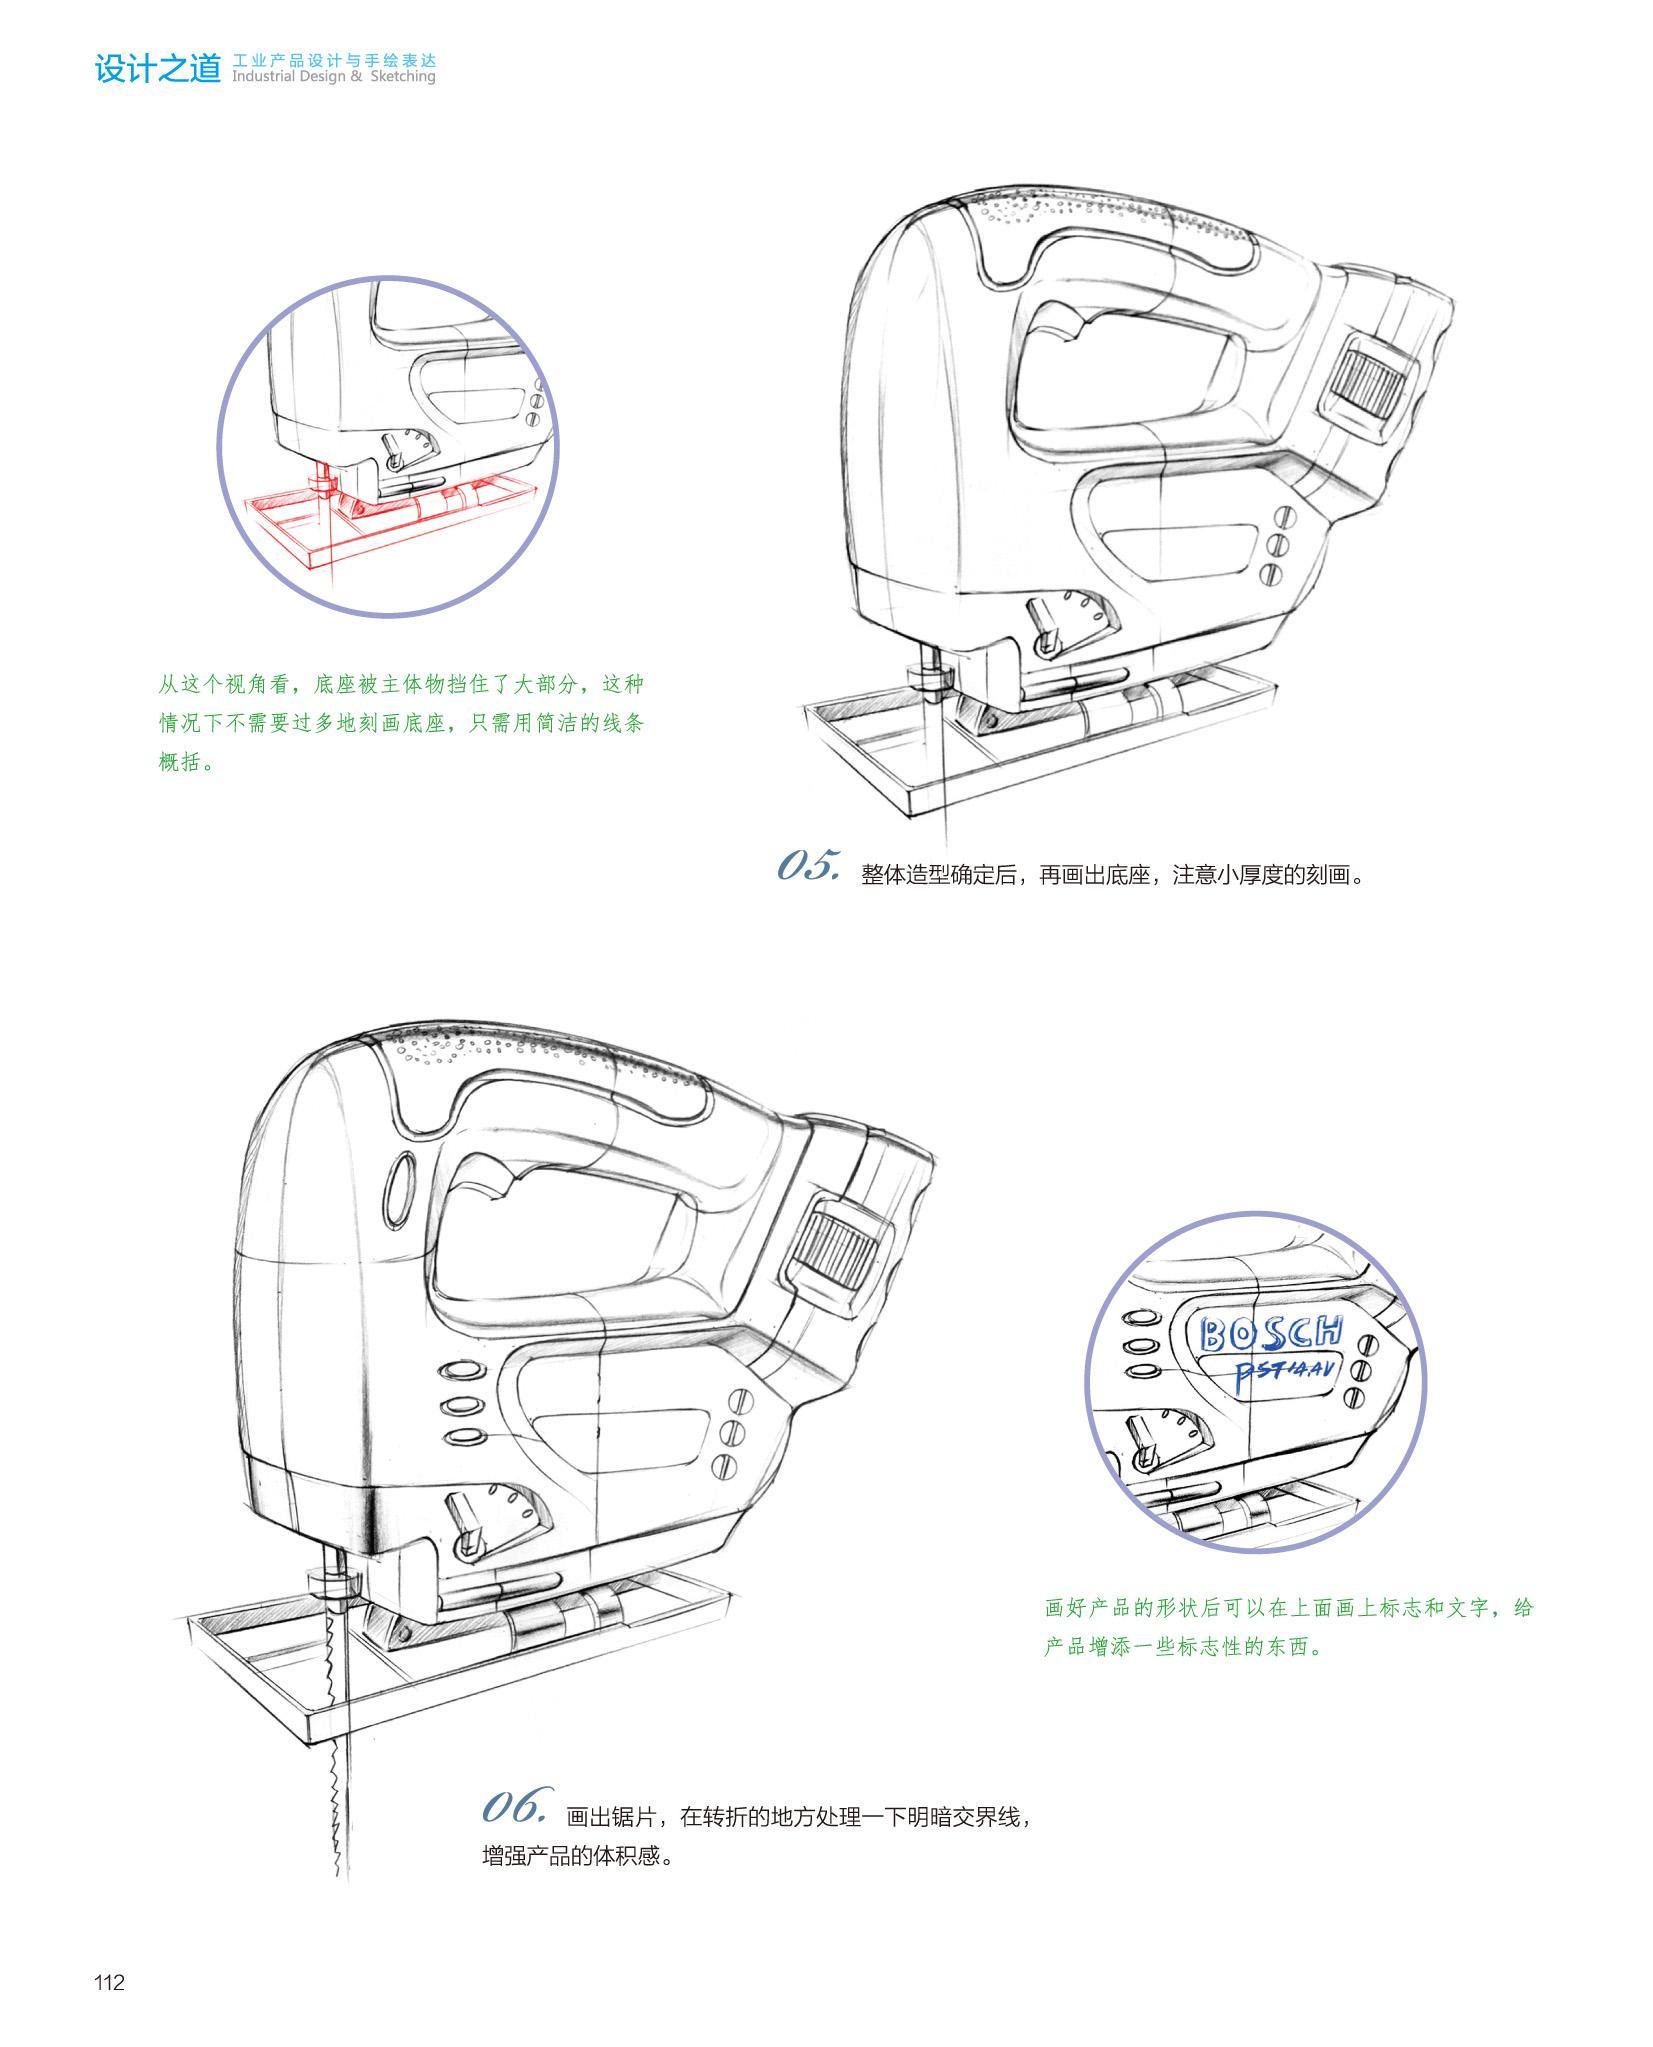 《设计之道 工业产品设计与手绘表达》图书内容分享